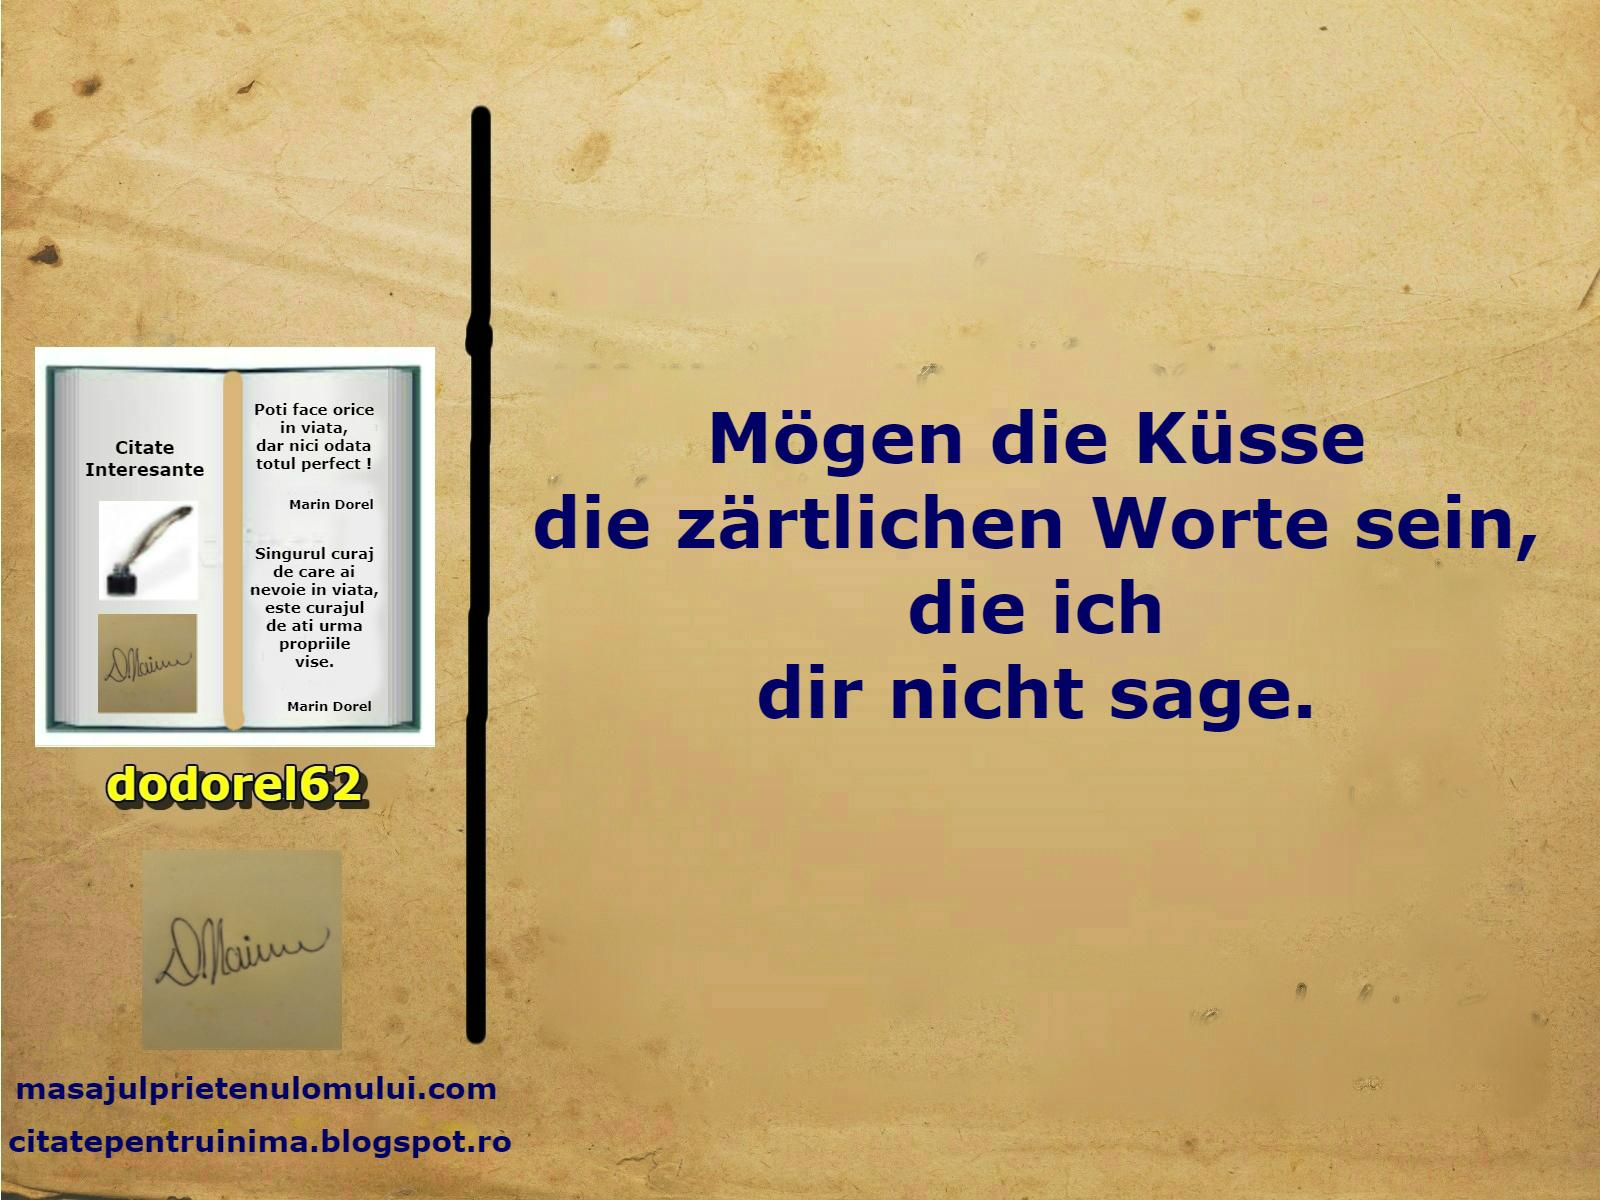 citate in germana Citate Interesante si Poezii: Citate Interesante   germana citate in germana